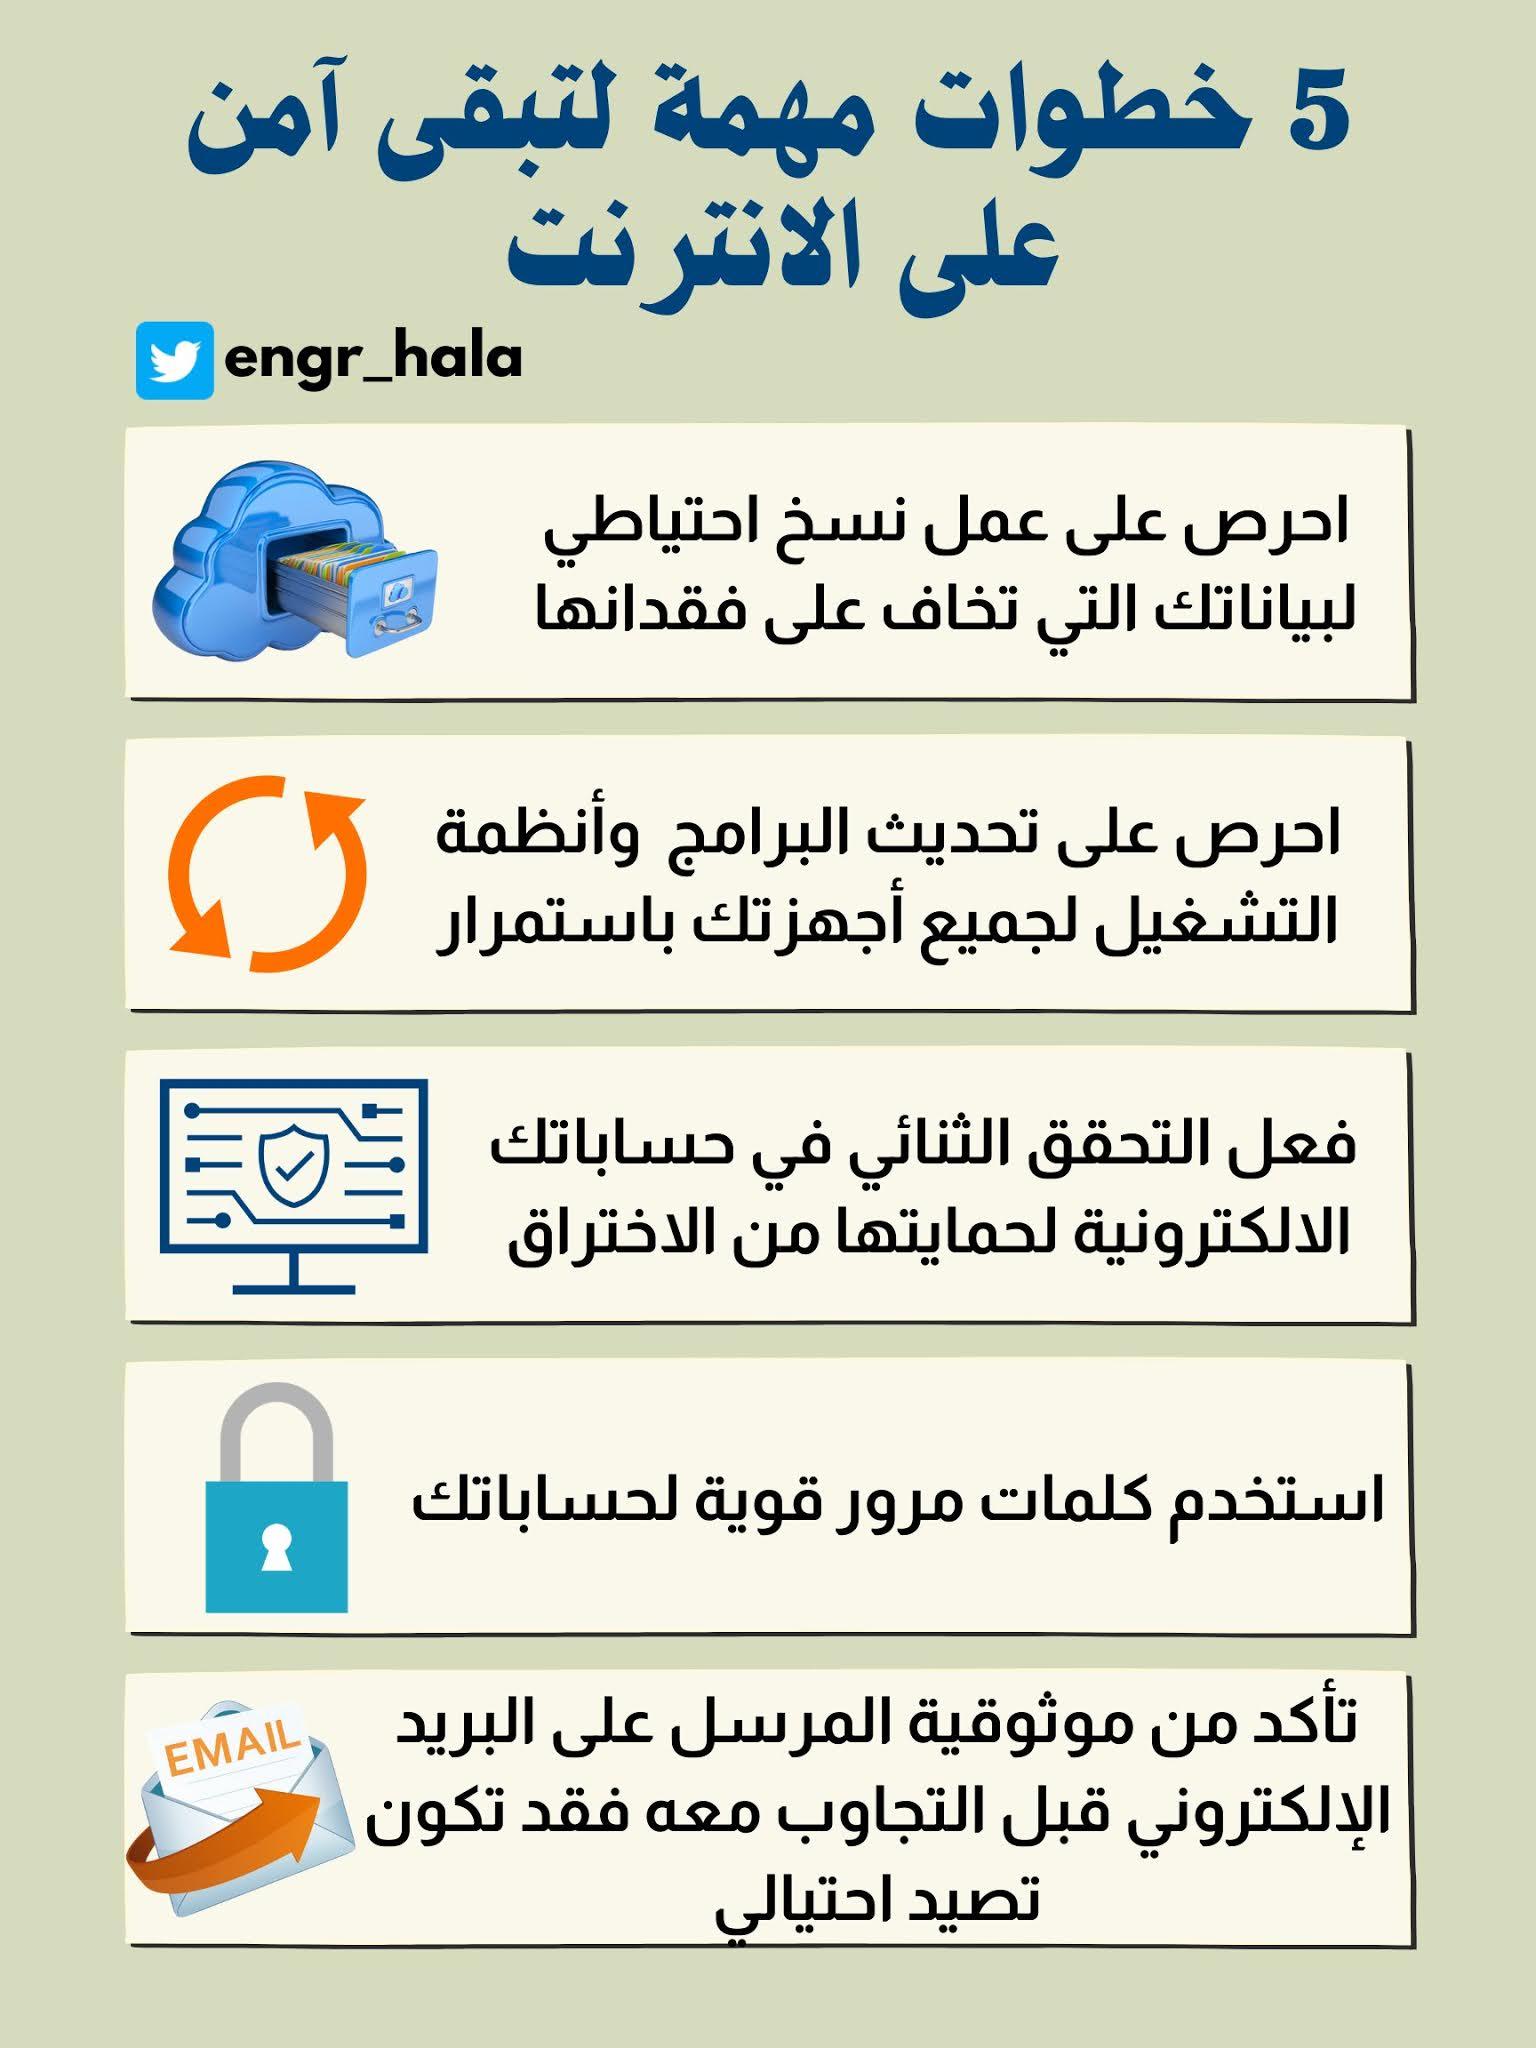 6 نصائح ينبغي أن تحرص عليها لتكون آمن على الانترنت